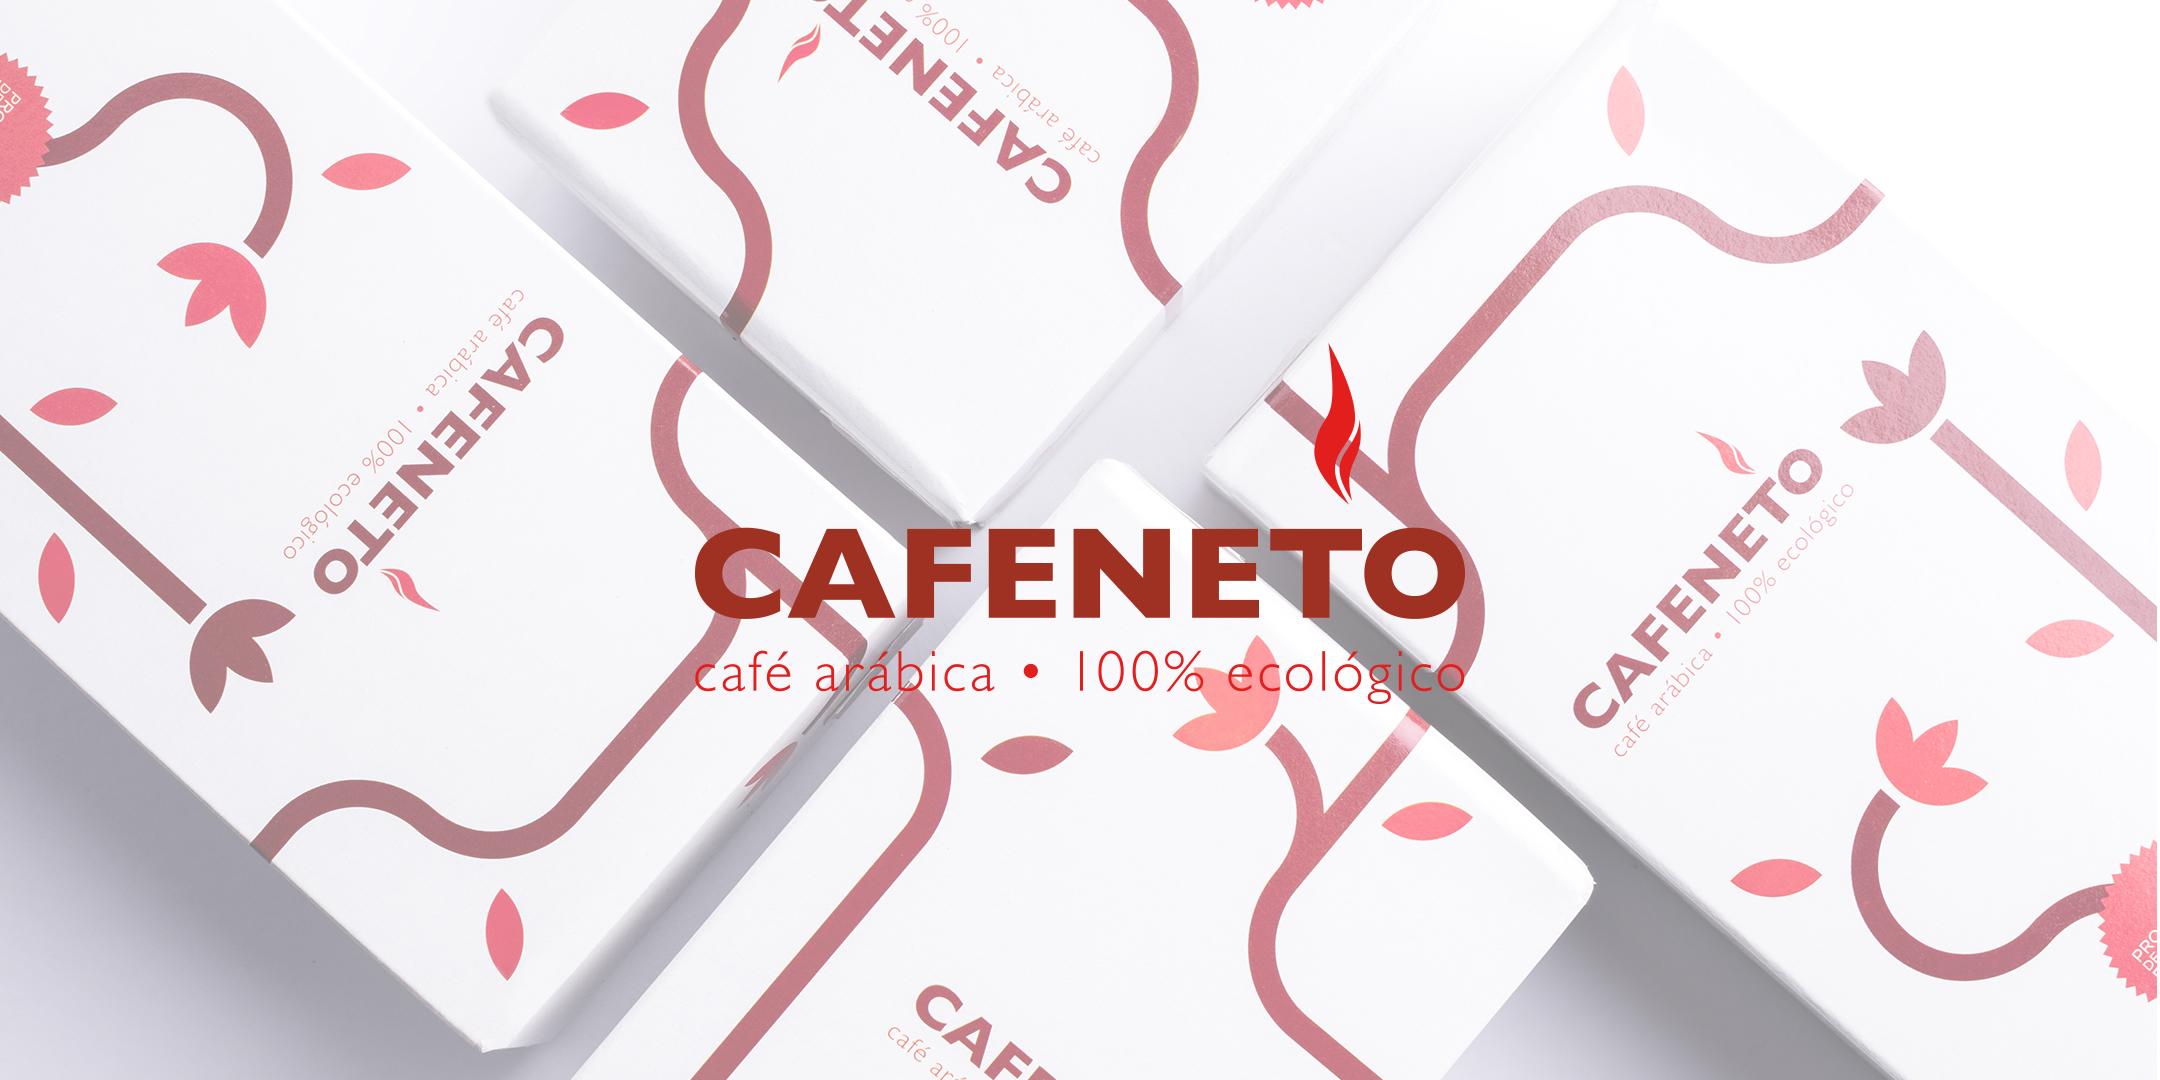 Cafeneto de Cafés Toscaf Tienda Online